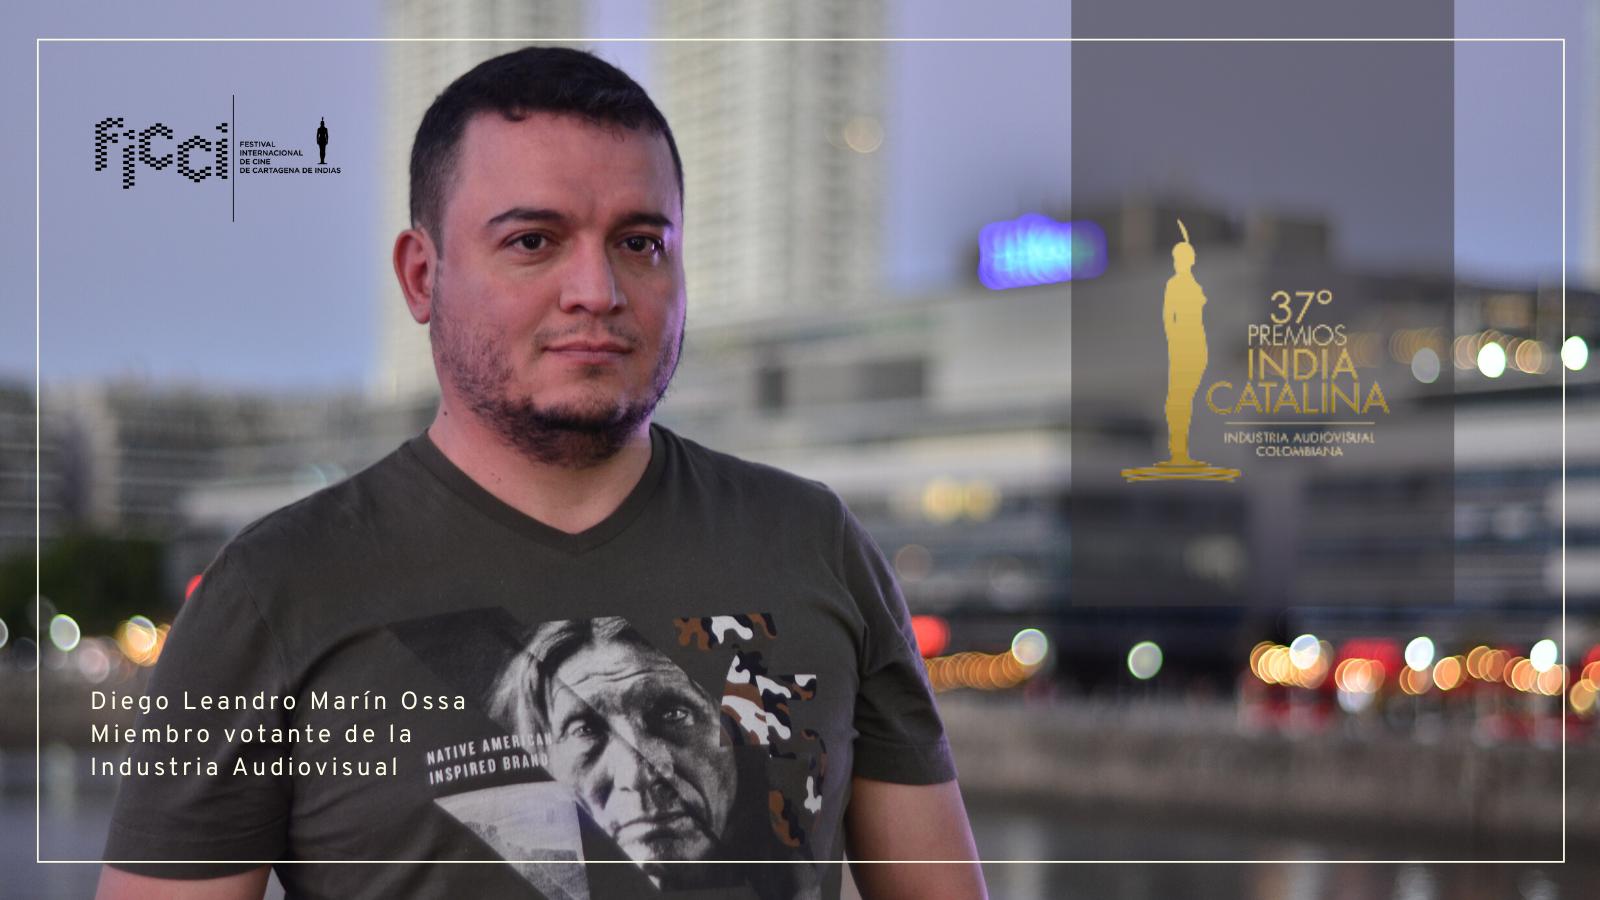 Diego Leandro Marin Ossa en los Premios India Catalina